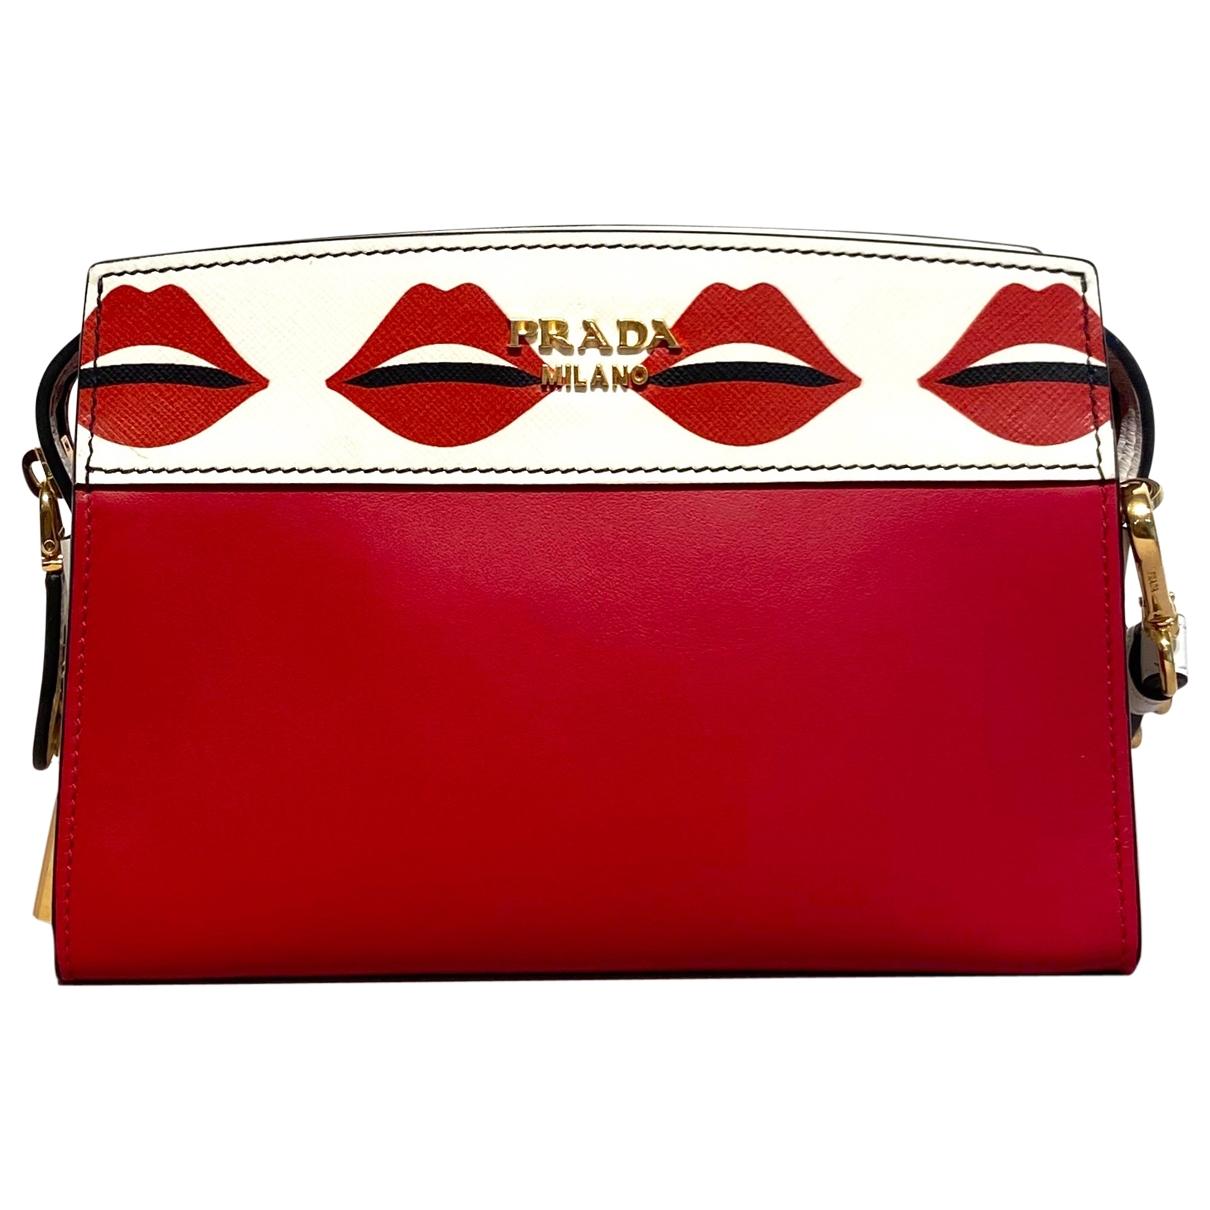 Prada Esplanade Handtasche in  Rot Leder